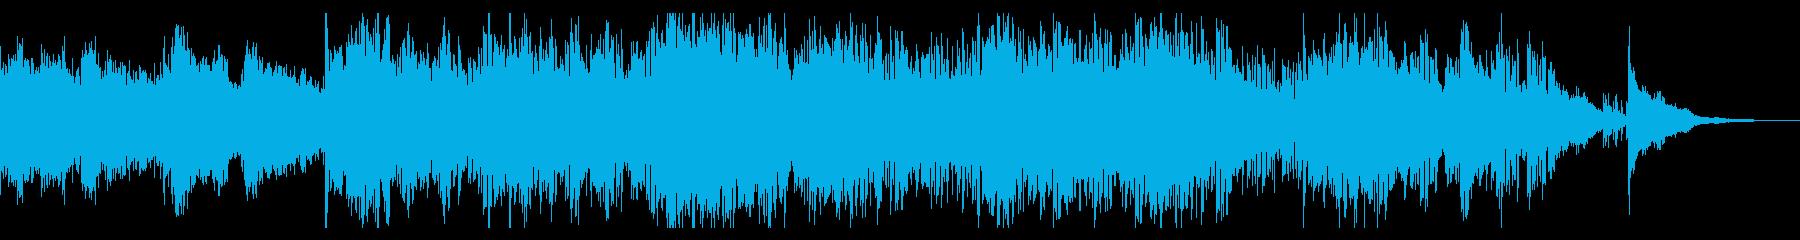 エレクトリックなグリッジアンビエントの再生済みの波形